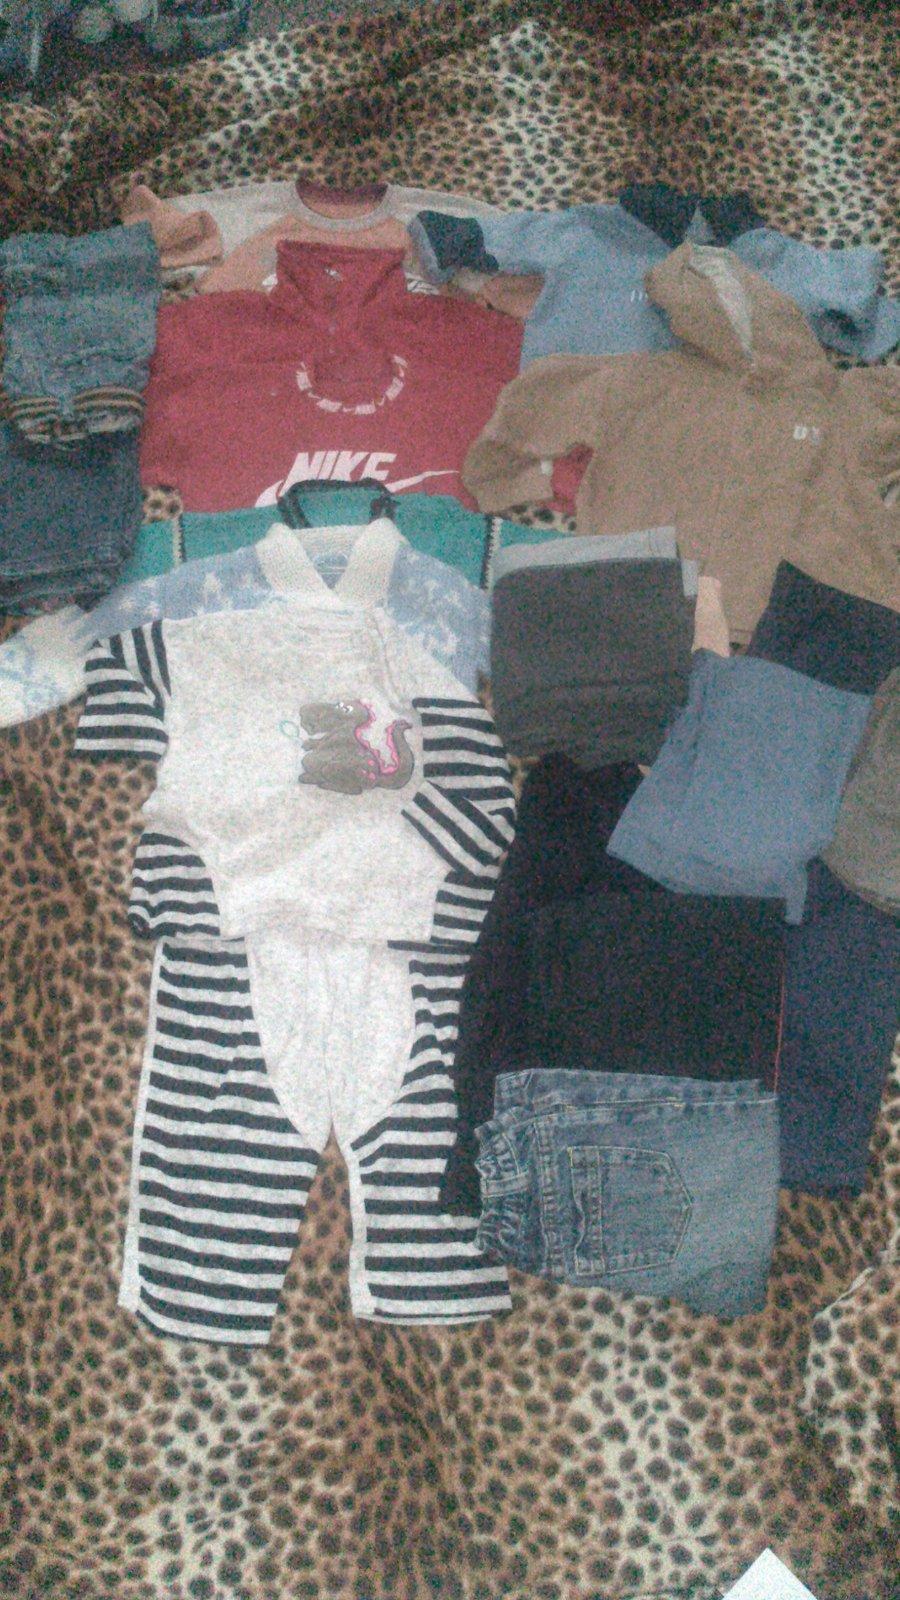 c63f060c1c90 Predám balíček oblečenia pre chlapčeka veľkosť 86